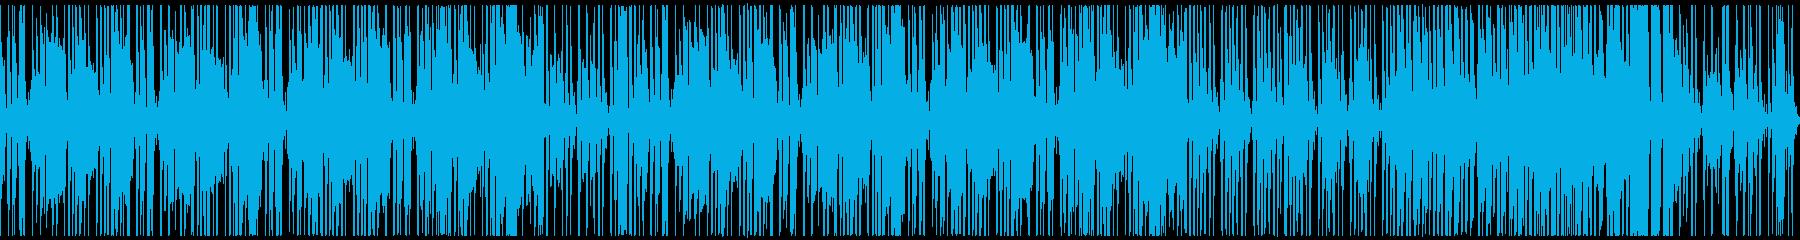 手並みが鮮やかな名探偵の謎解き風BGMの再生済みの波形